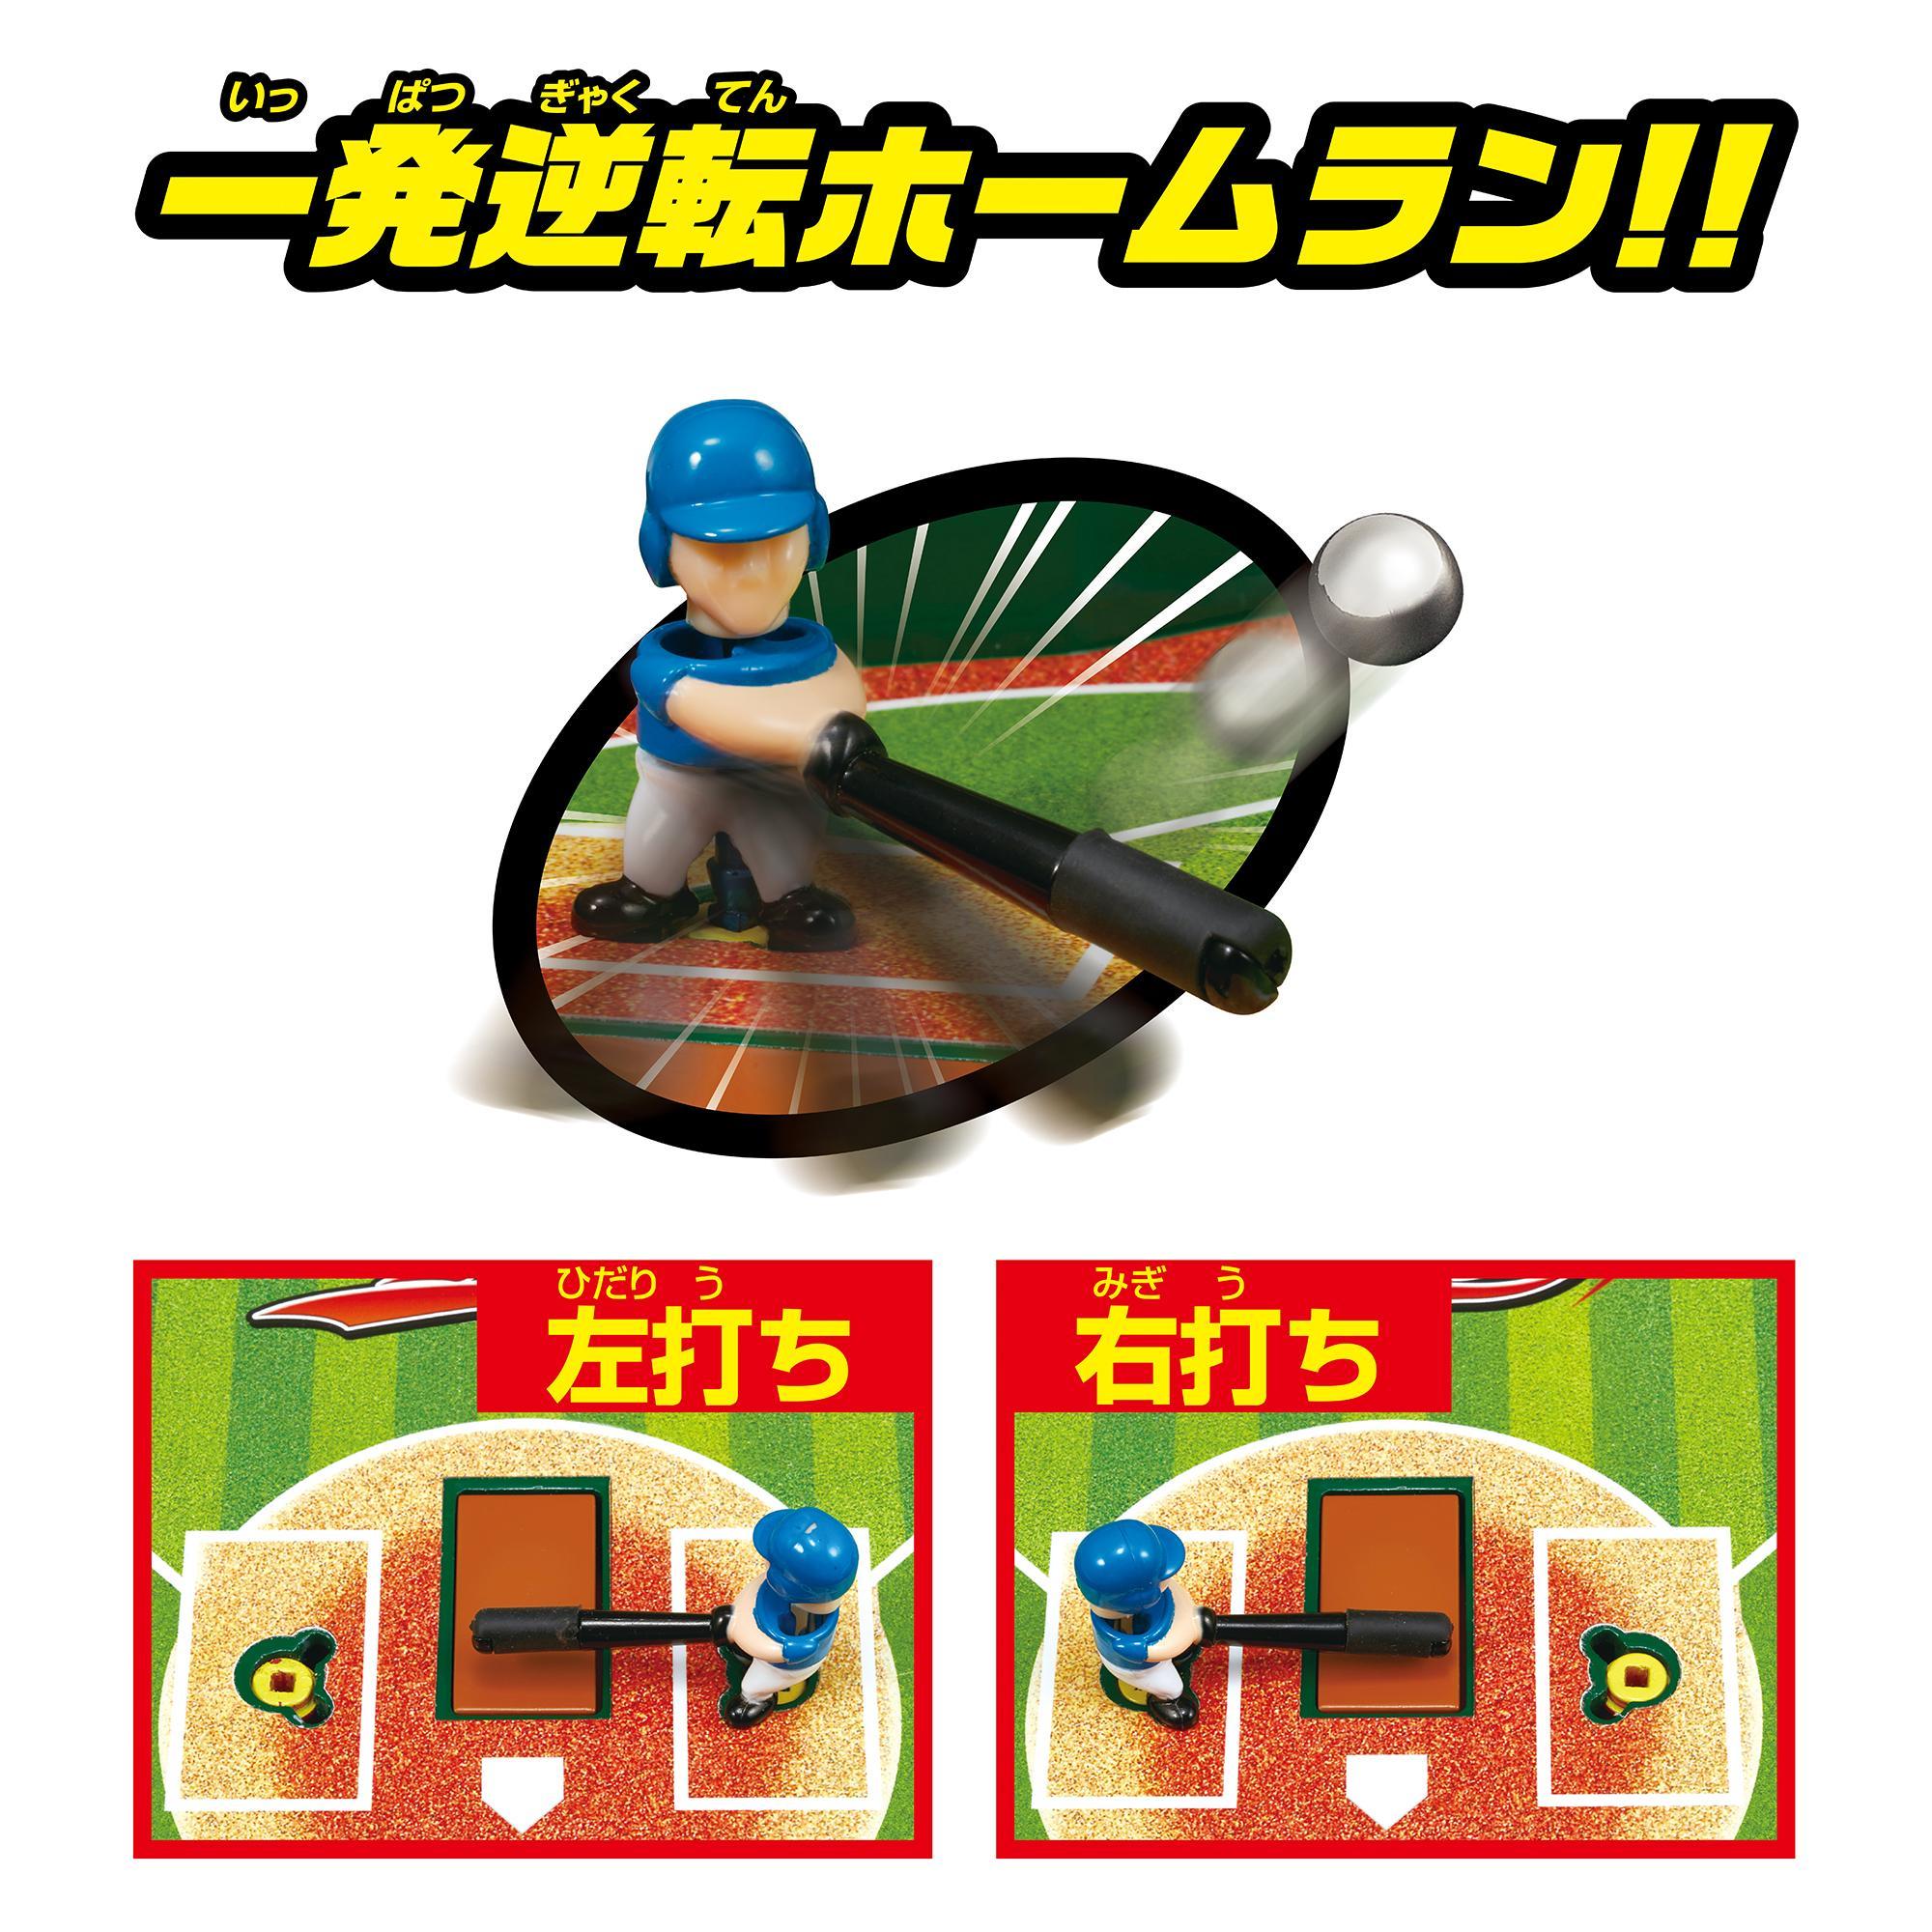 野球盤 3Dエース スタンダード - epoch.jp